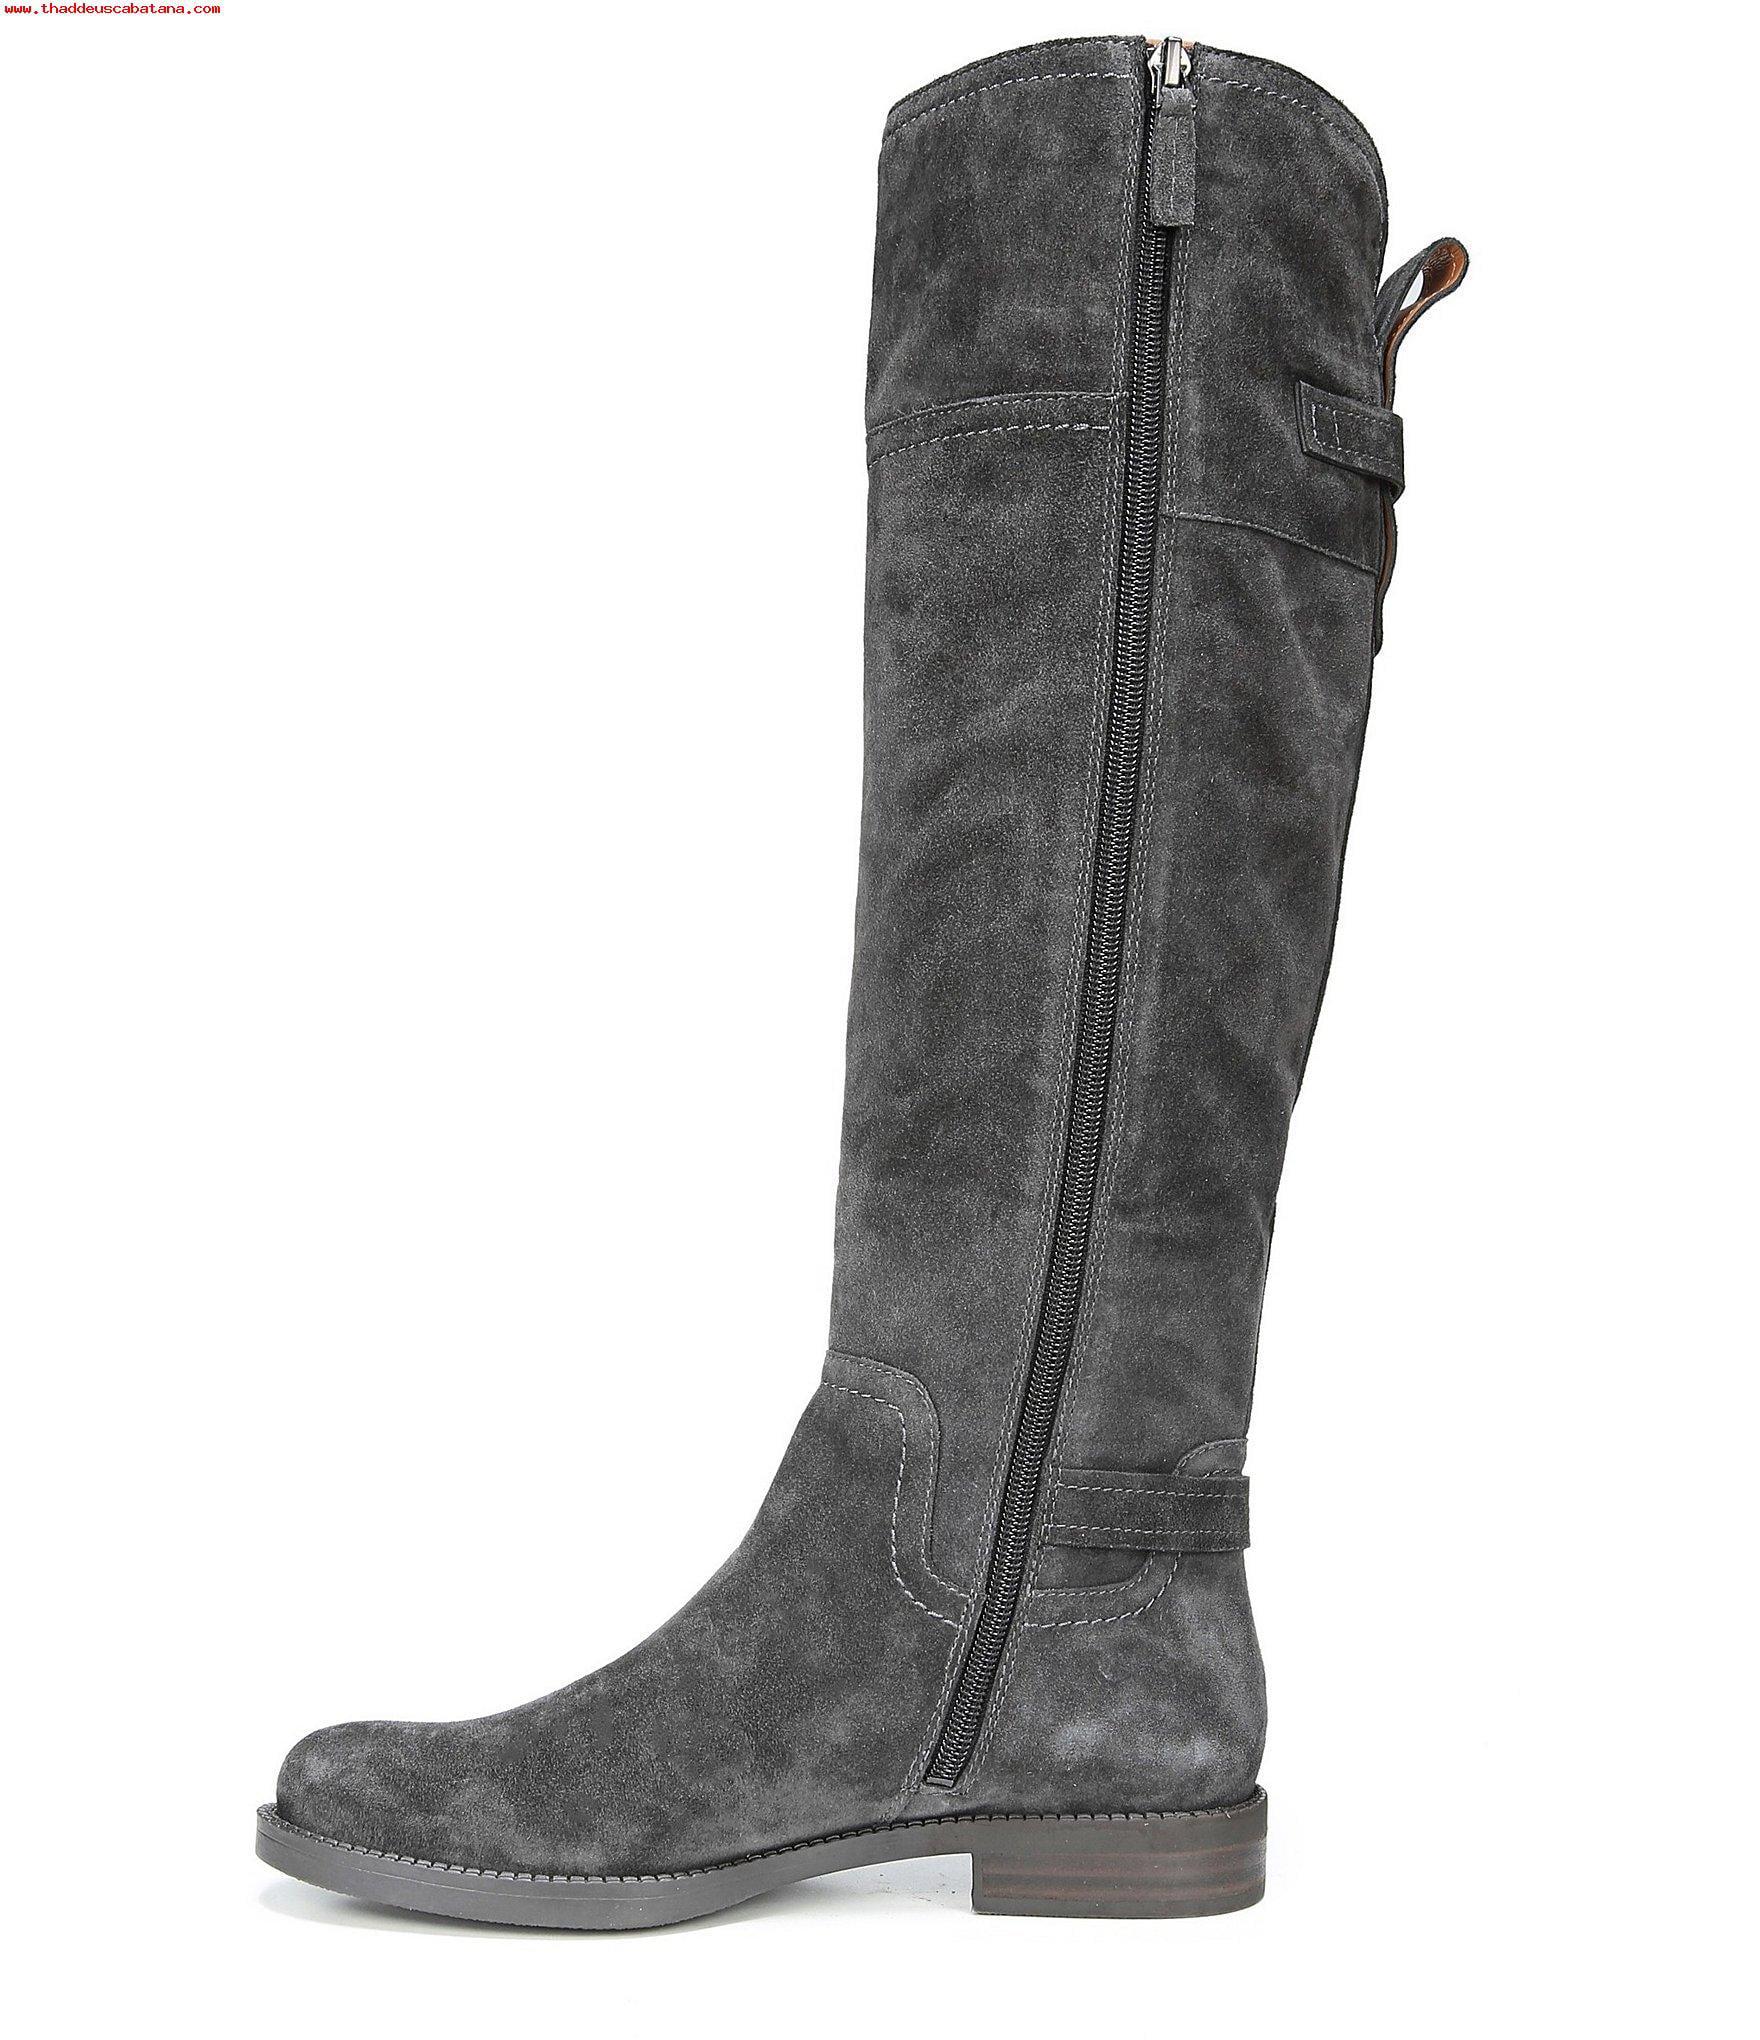 Franco Sarto Sarto Women's COLEY Riding Boot by